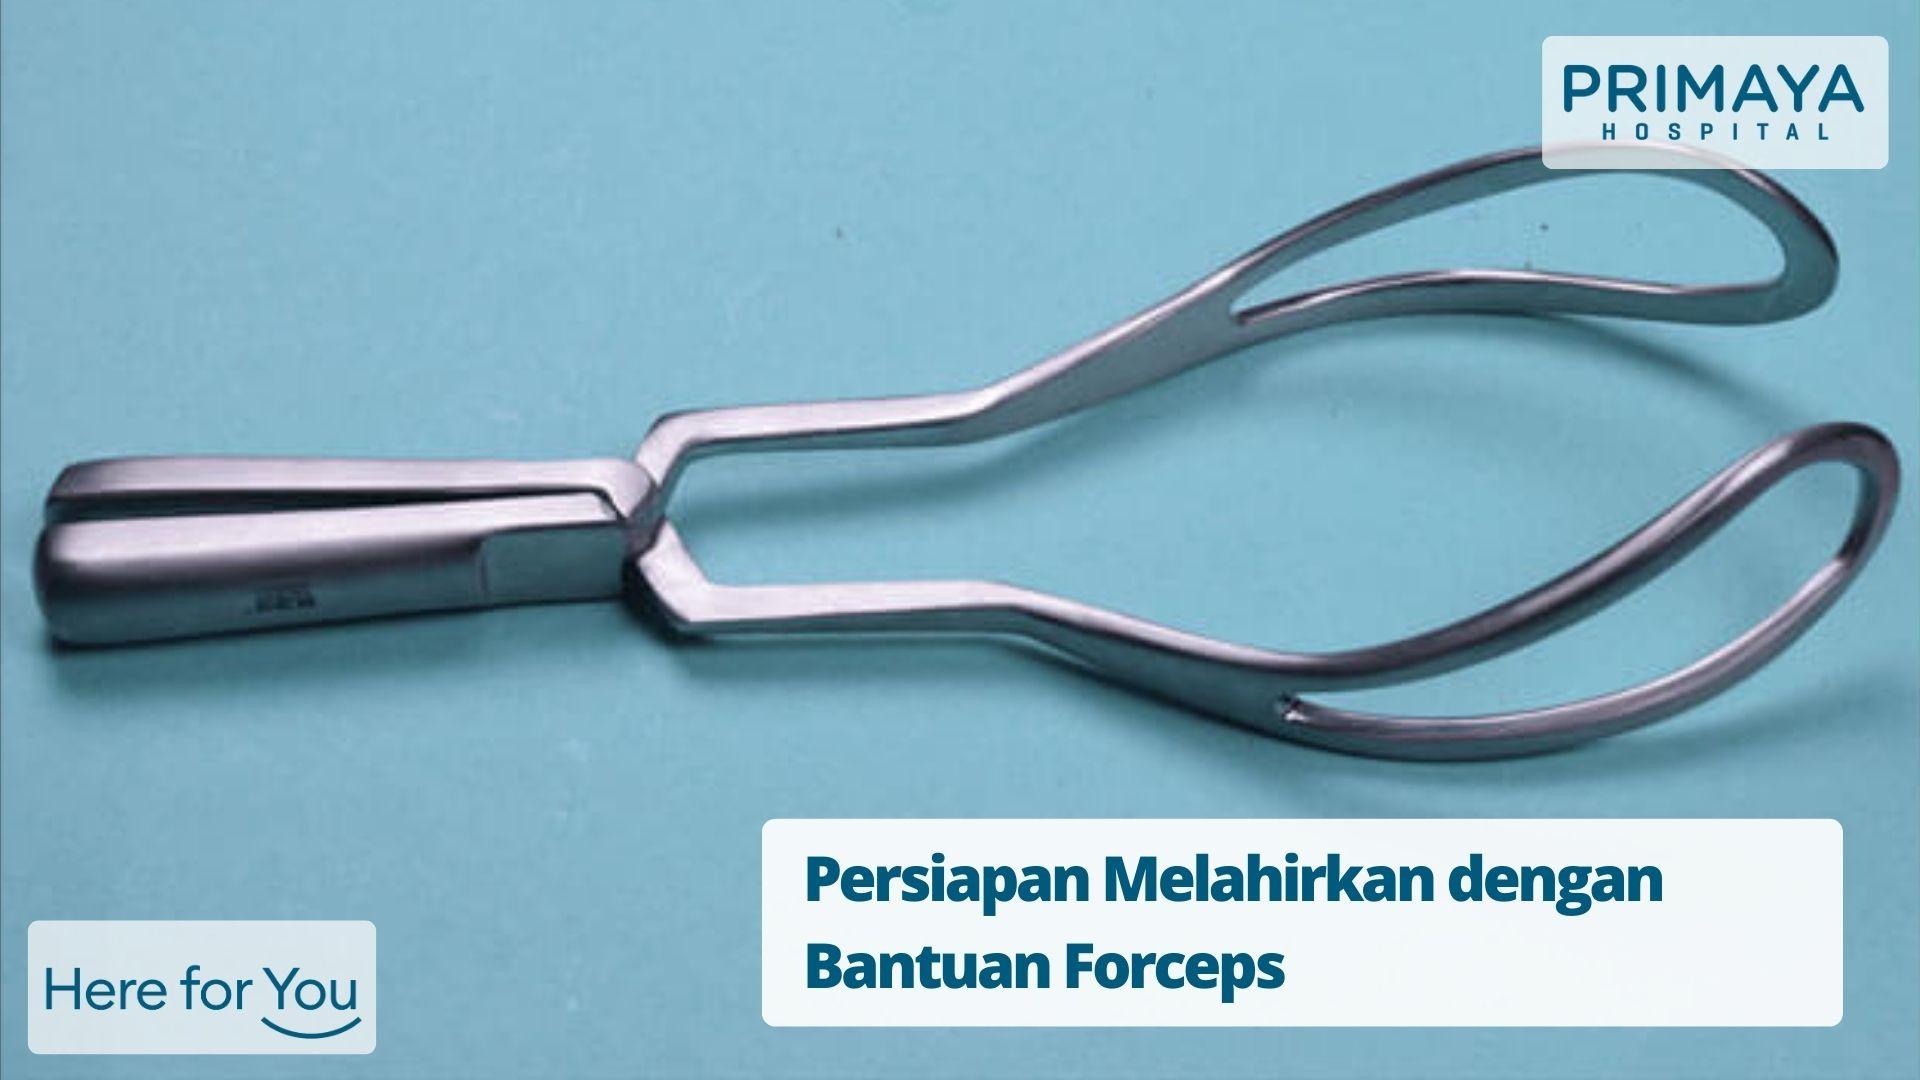 Persiapan Melahirkan dengan Bantuan Forceps